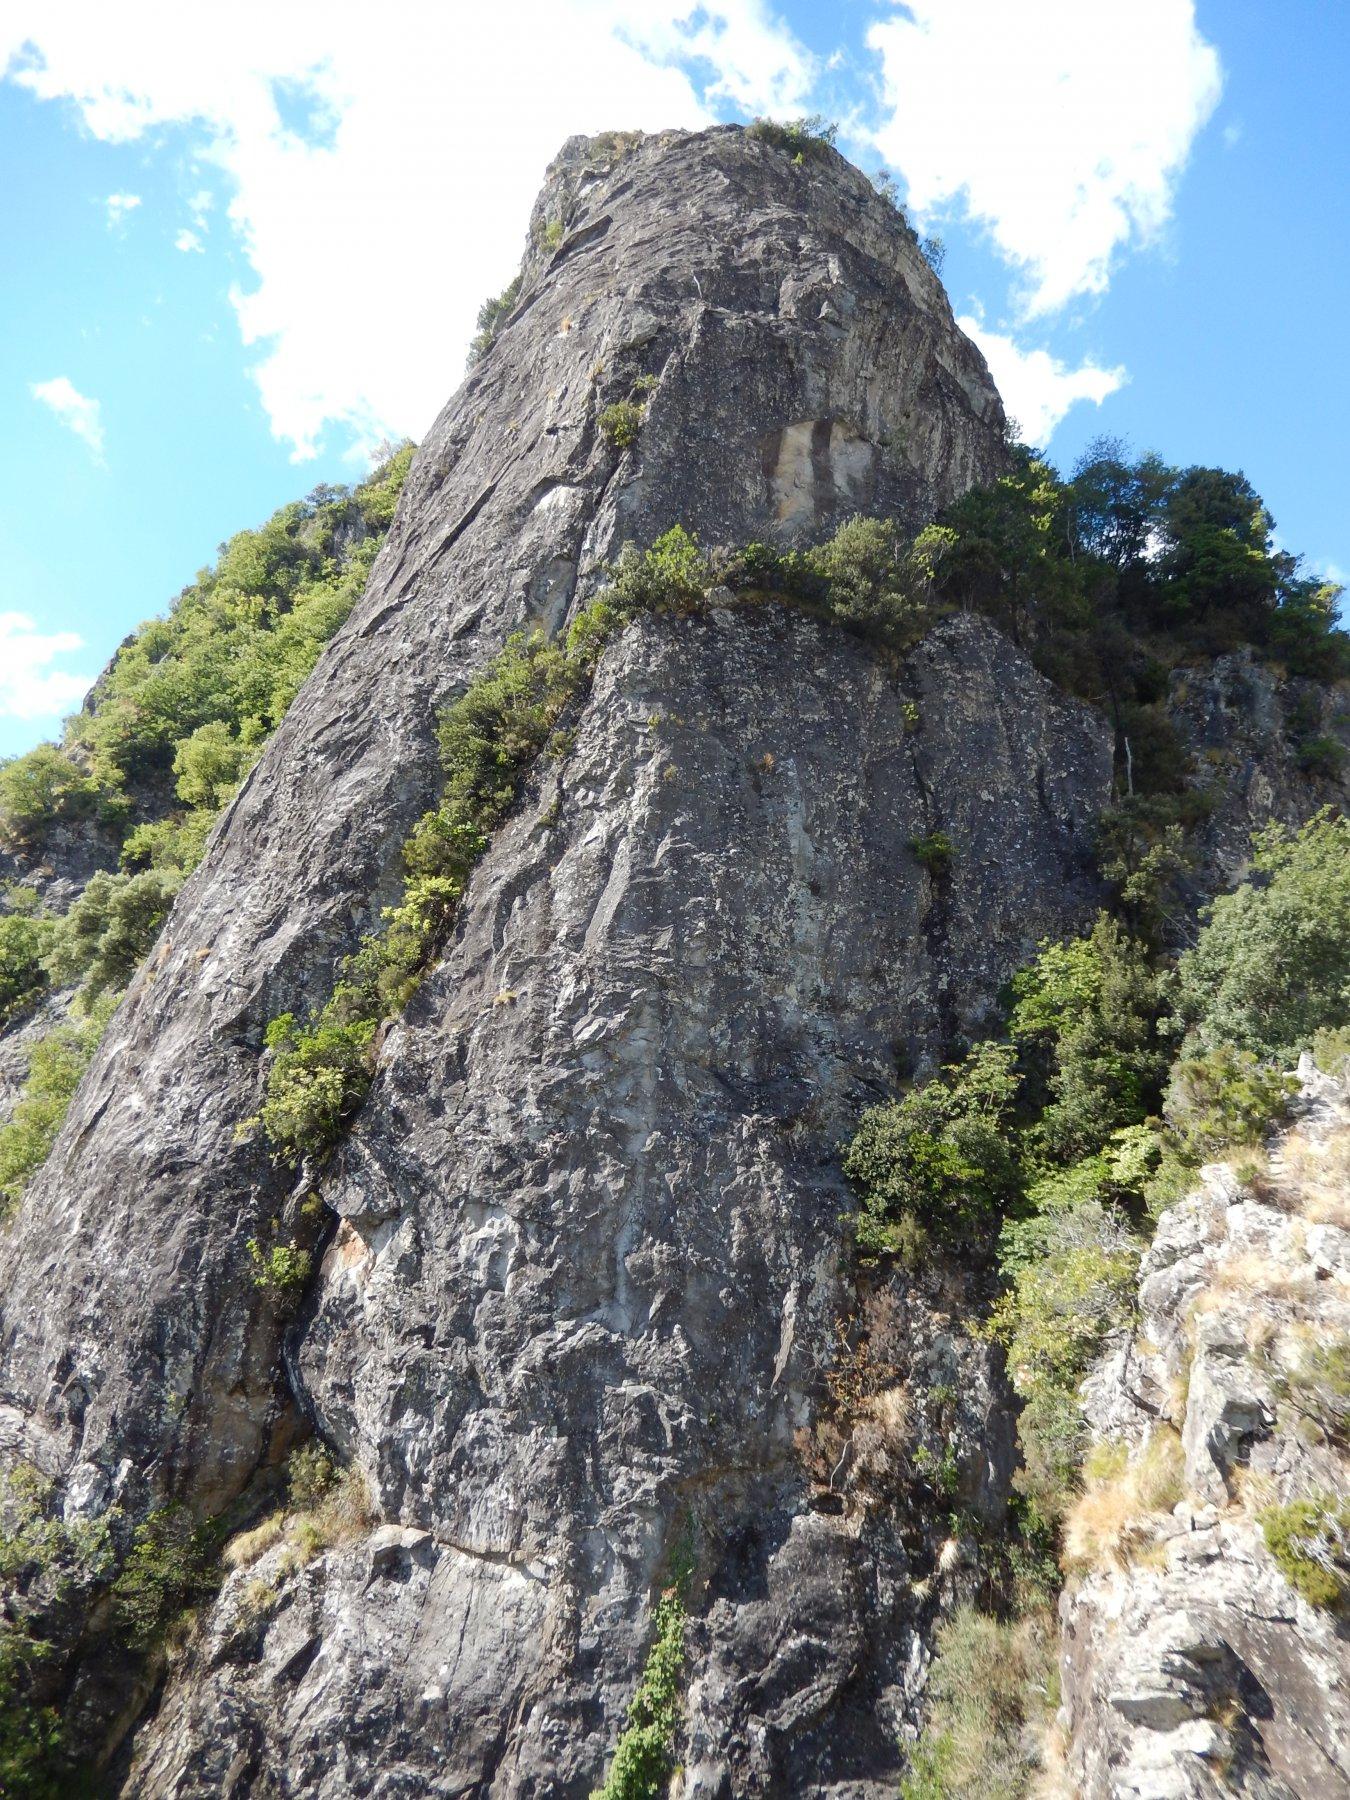 Il secondo pilastro alto 150 m circa (occorre fare una doppia di 50 m nel canale per raggiungere la sua base)